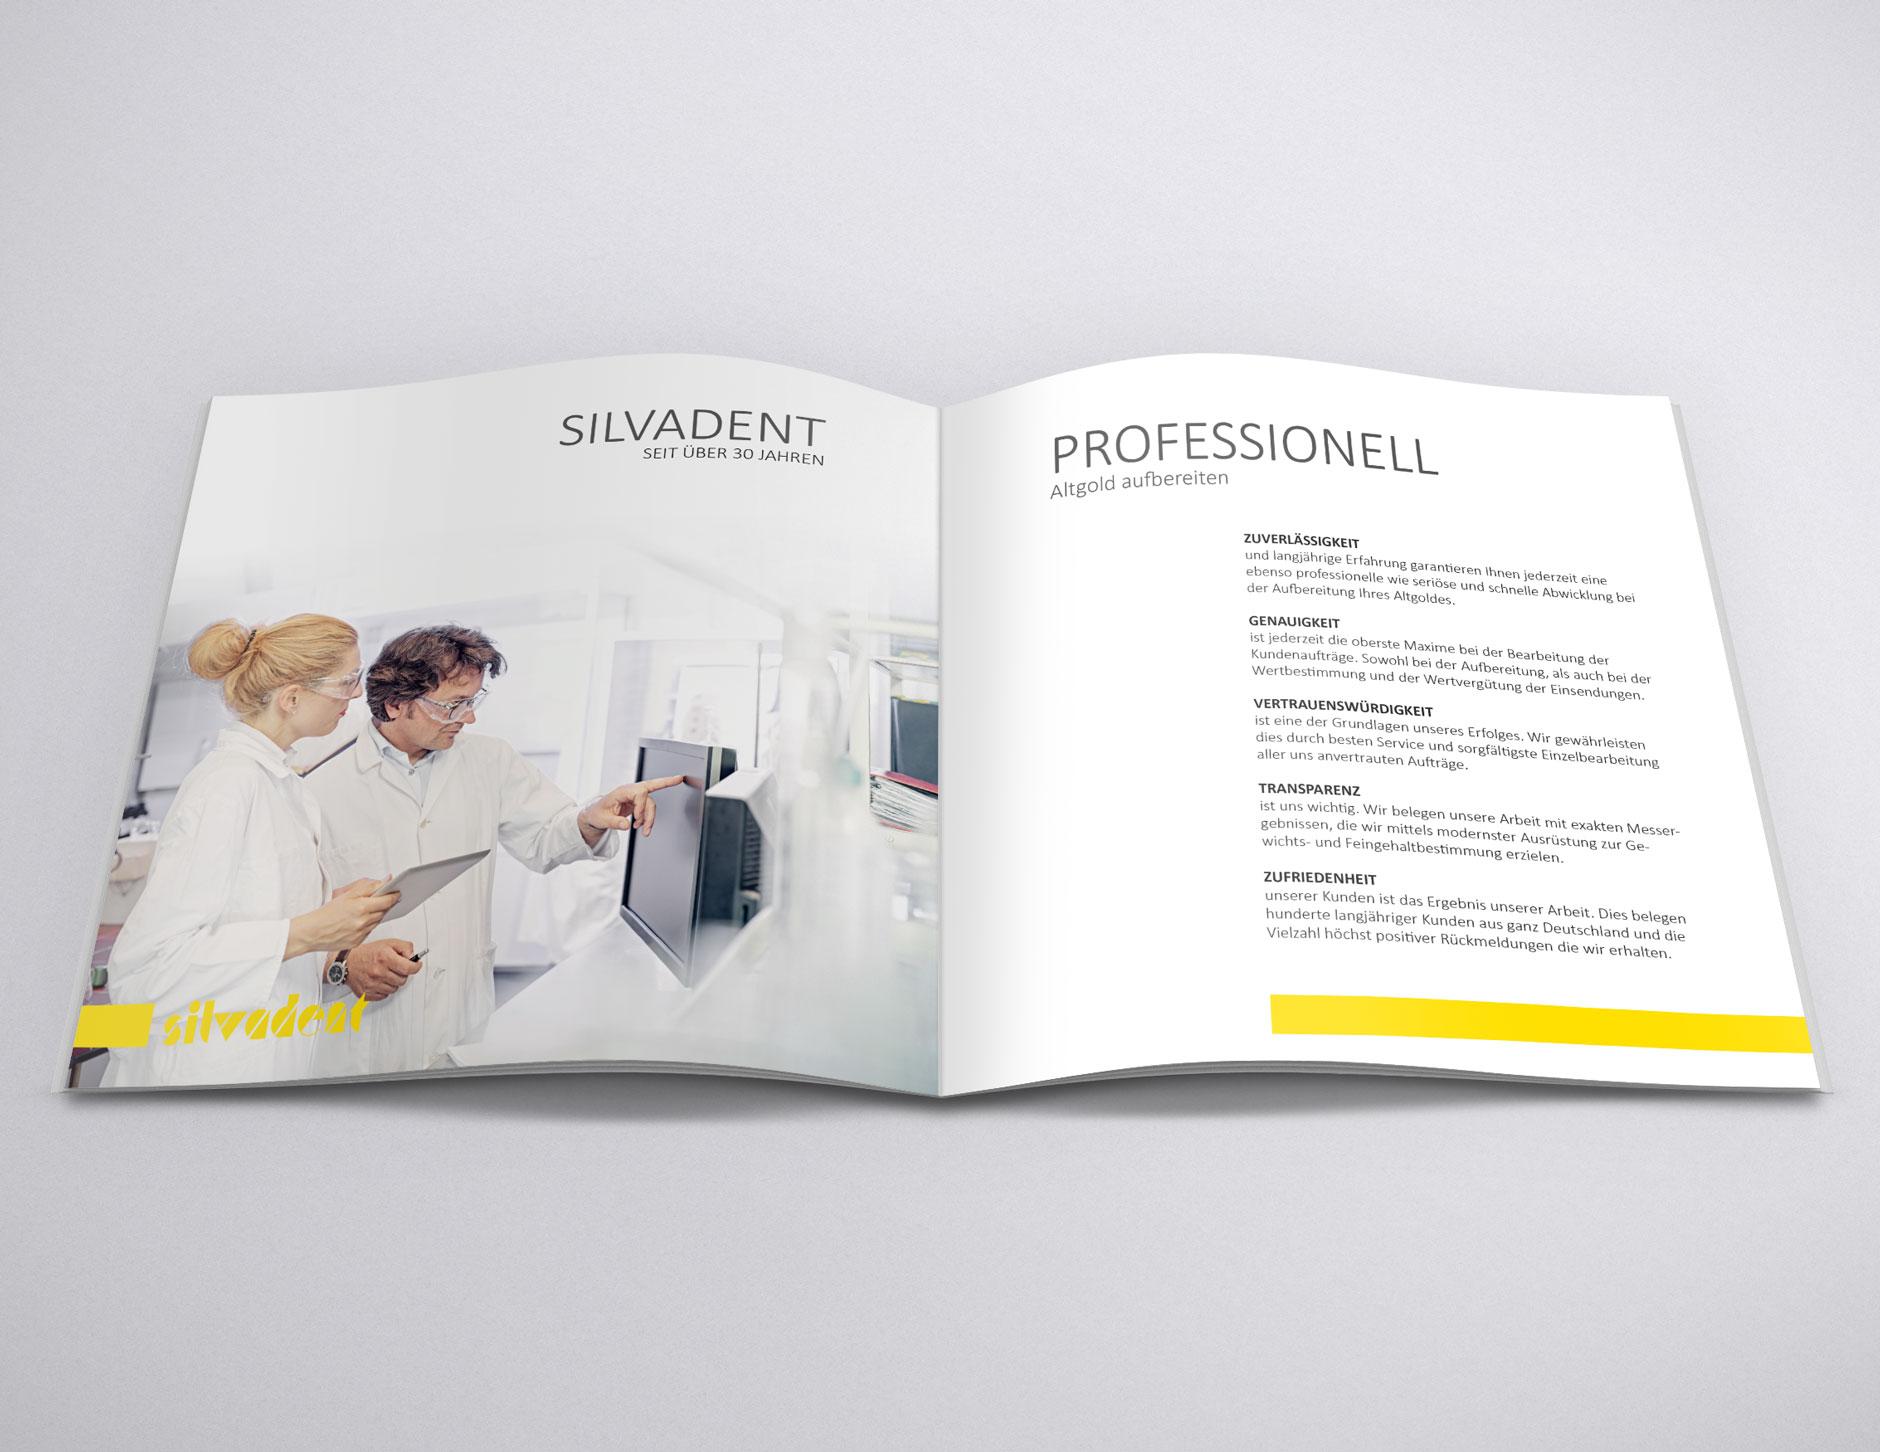 silvadent broschuere infoflyer zahngold altgold q4 78-Broschüre Silvadent